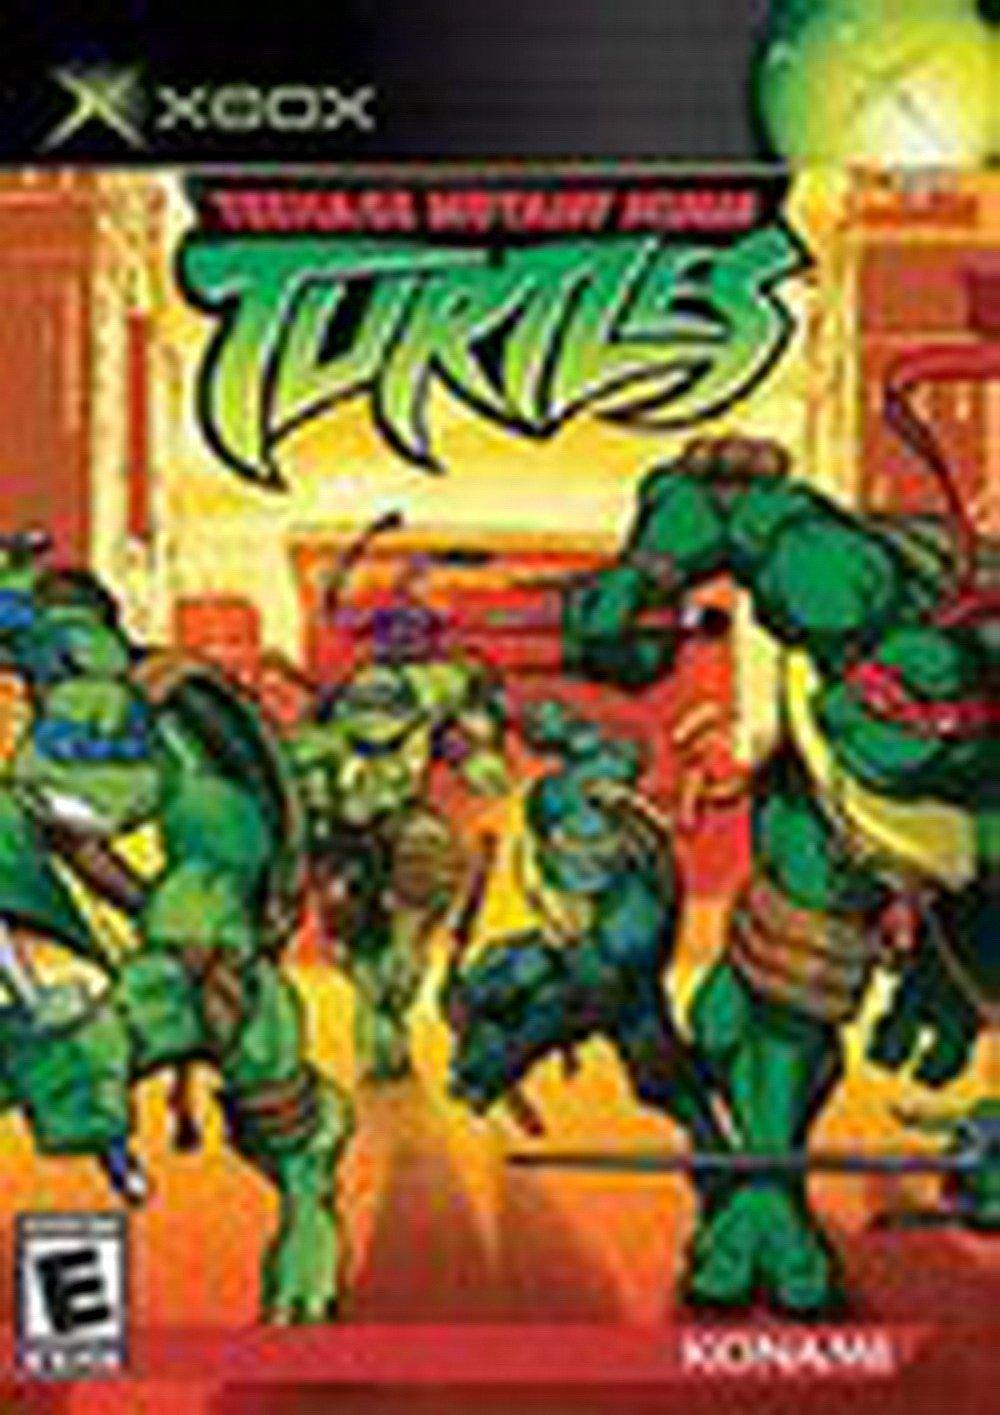 Amazon.com: Teenage Mutant Ninja Turtles: Video Games